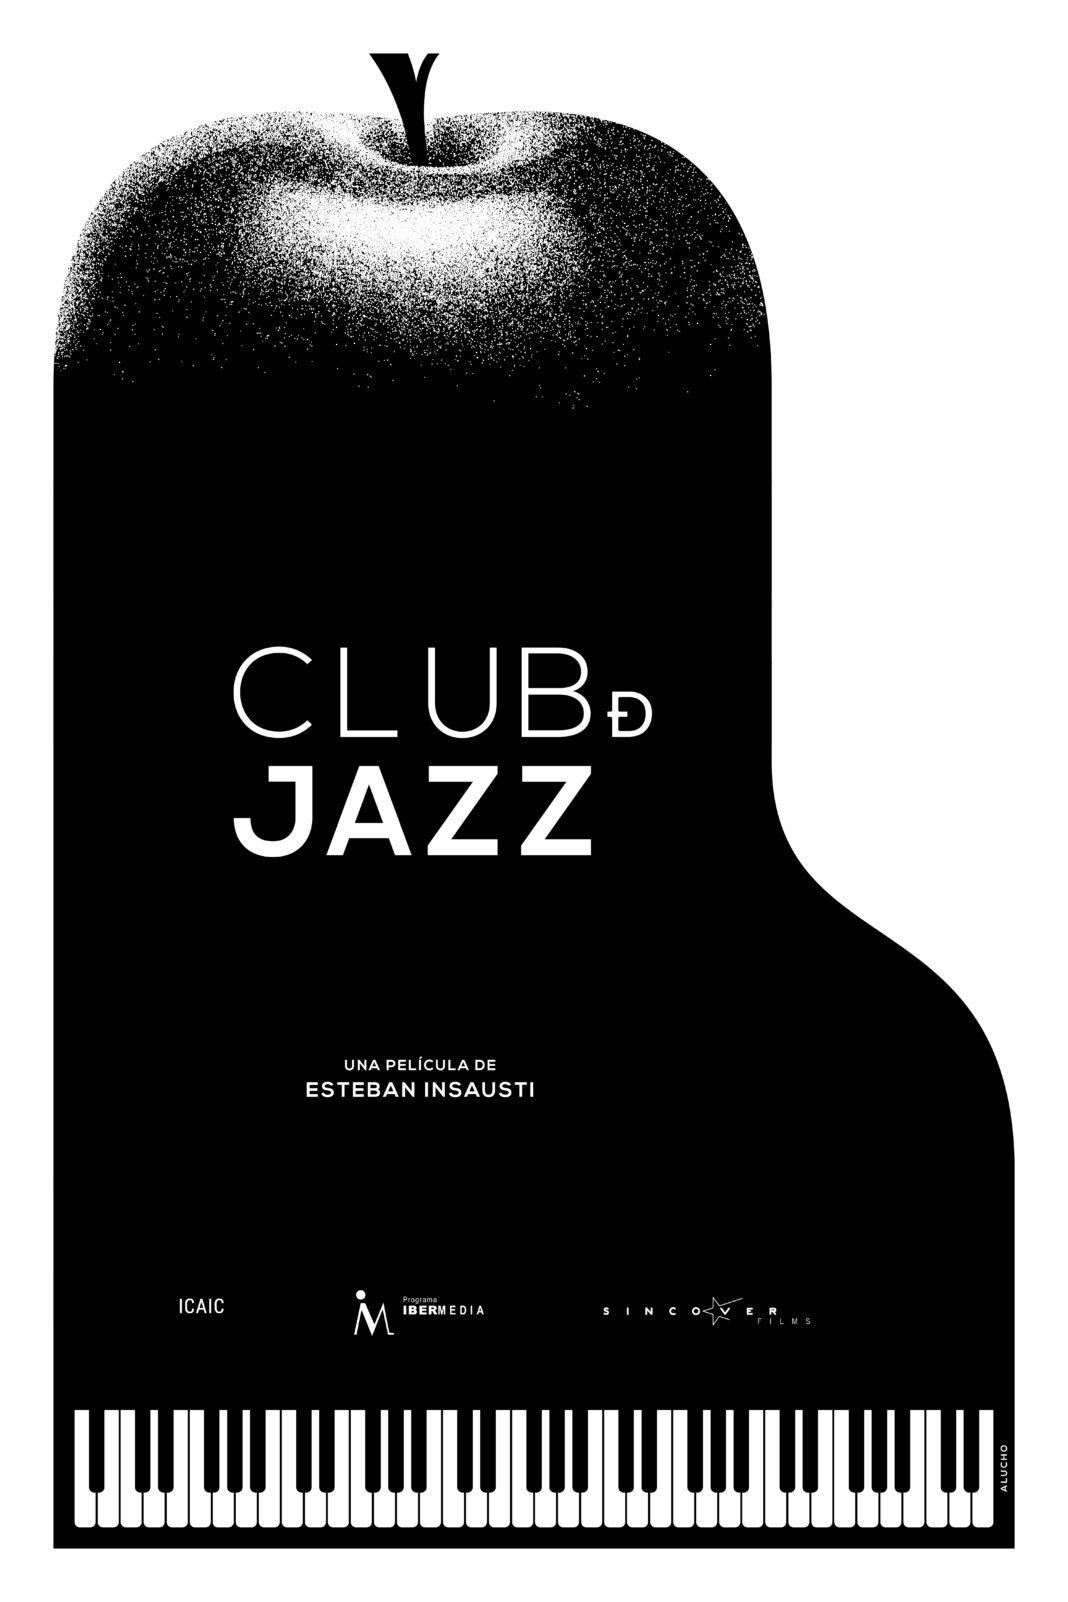 Club de Jazz, cine cubano sobre músicos y envidias